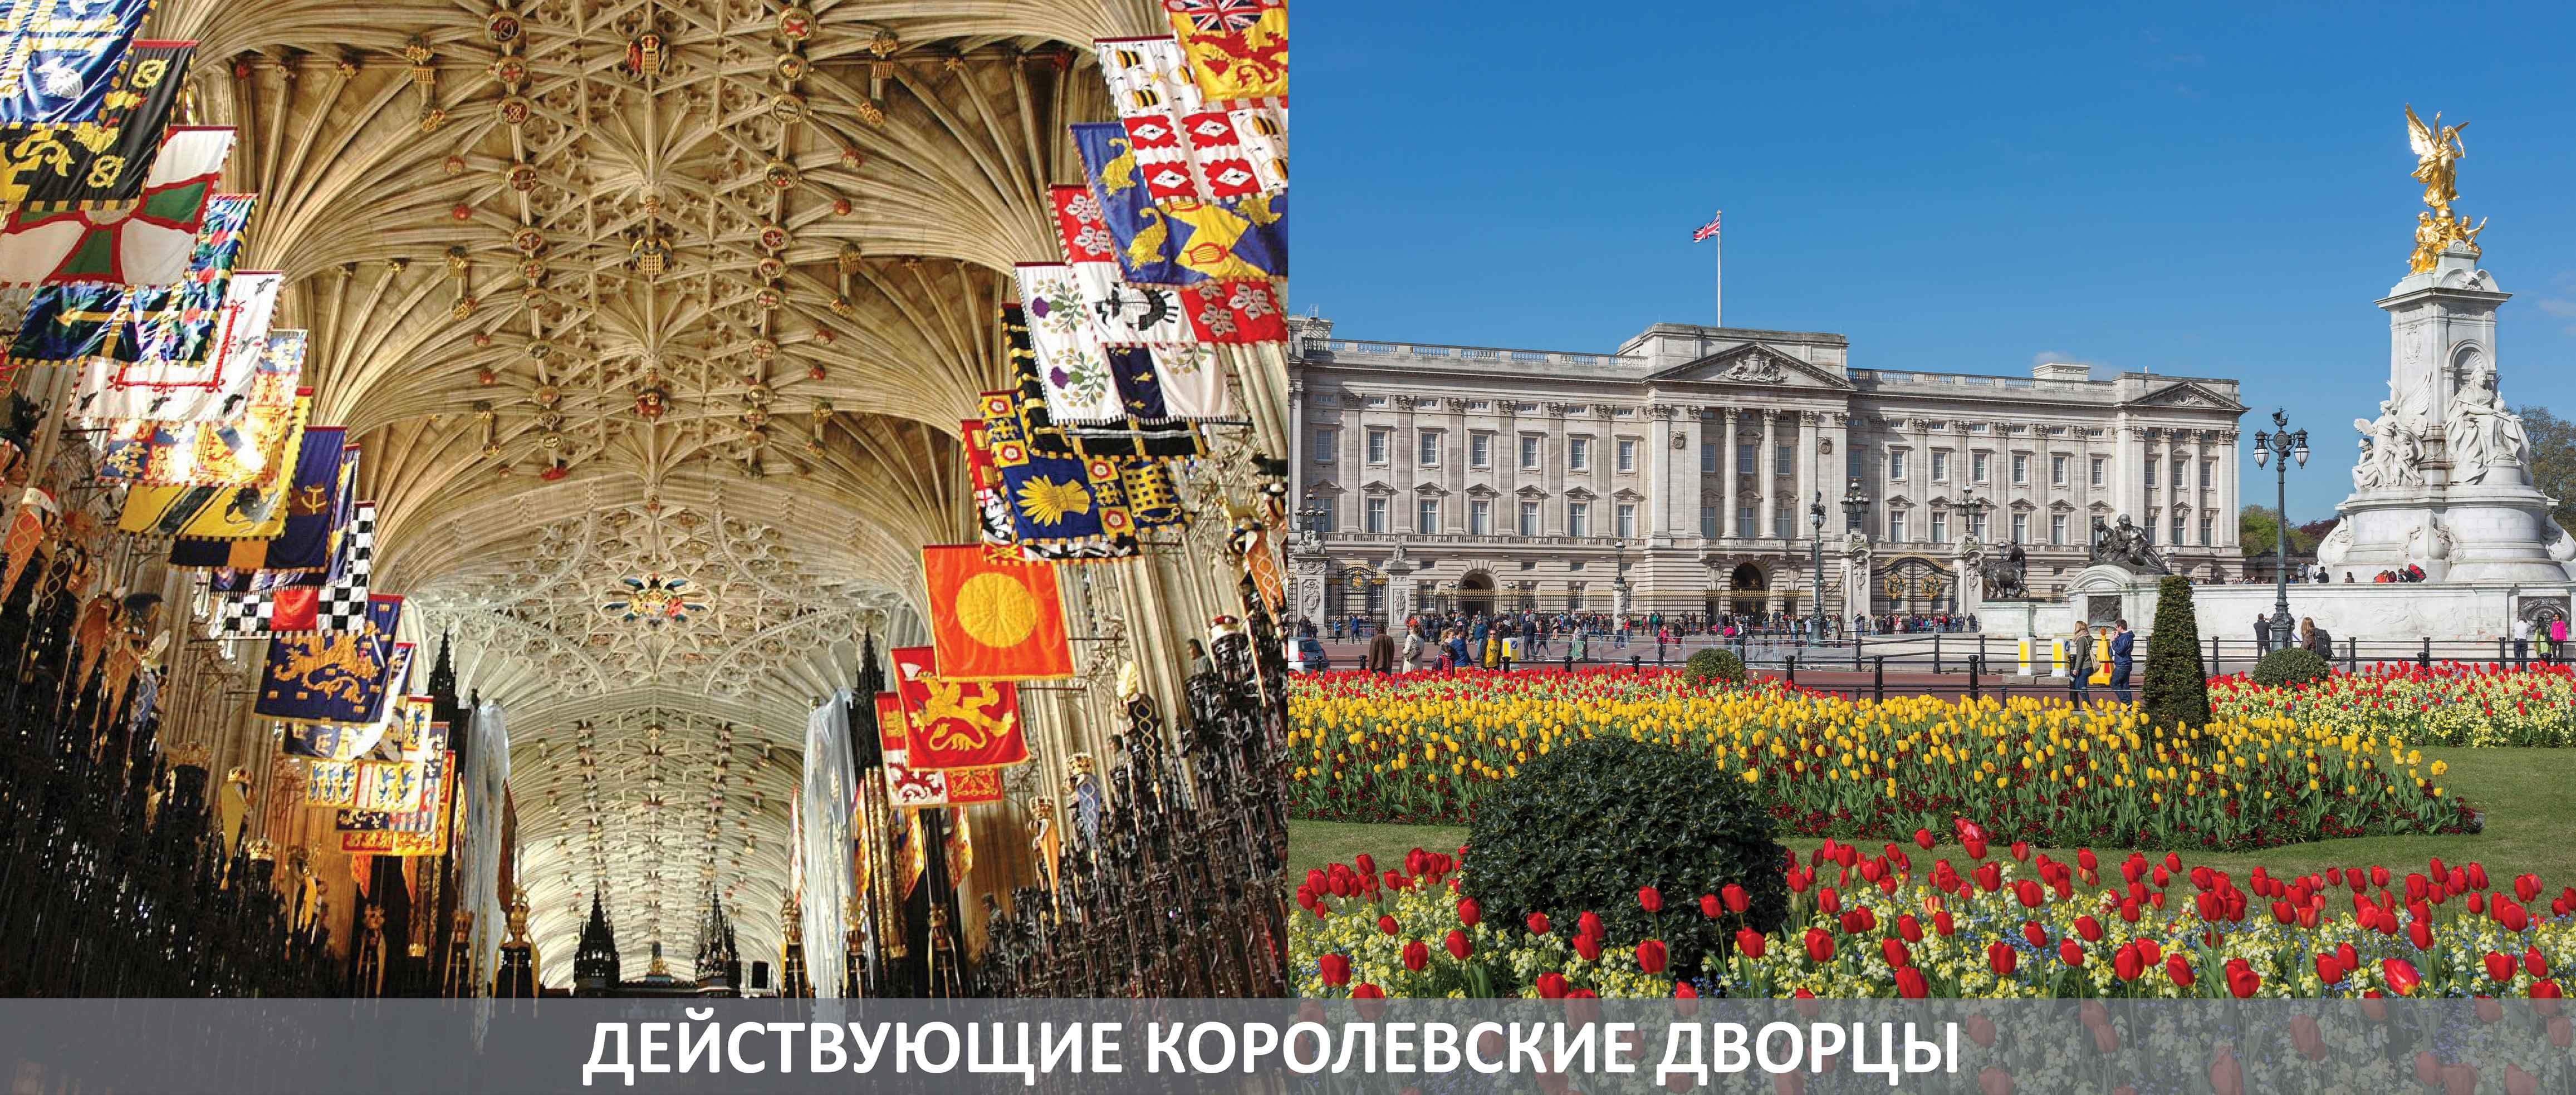 Достопримечательности Лондона : Действующие королевские дворцы